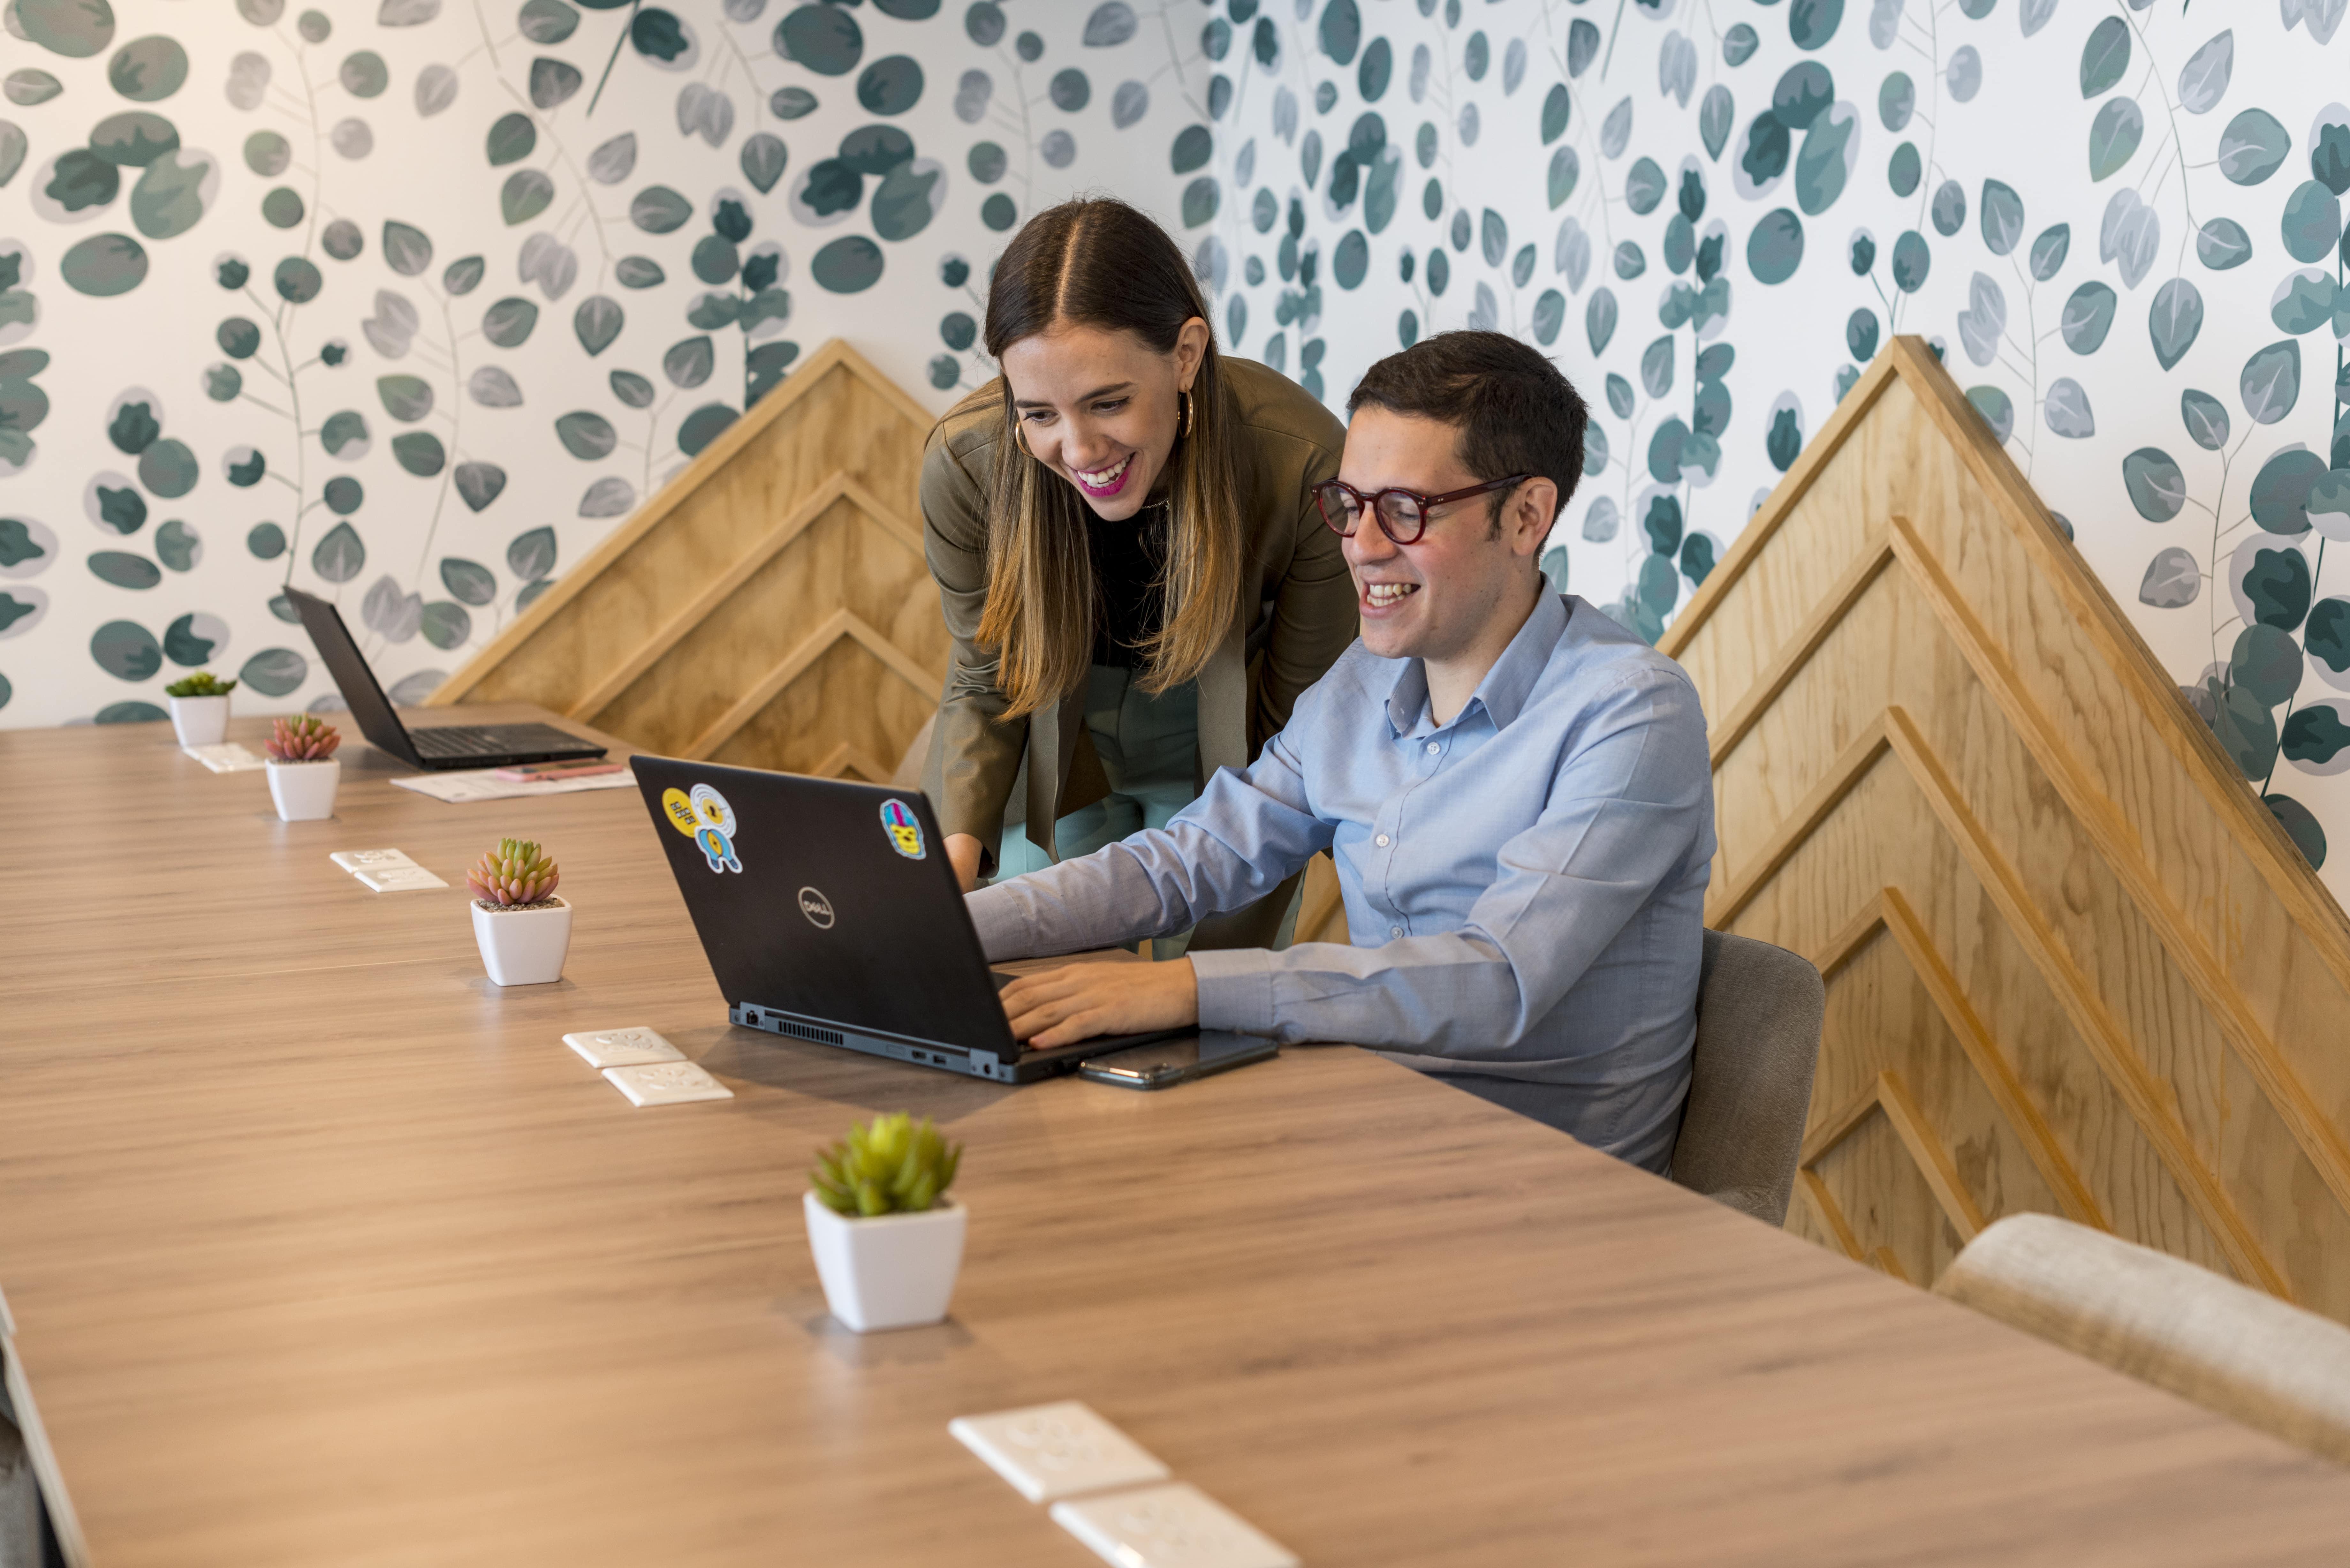 dos sonrientes colaboradores revisando una laptop en una oficina